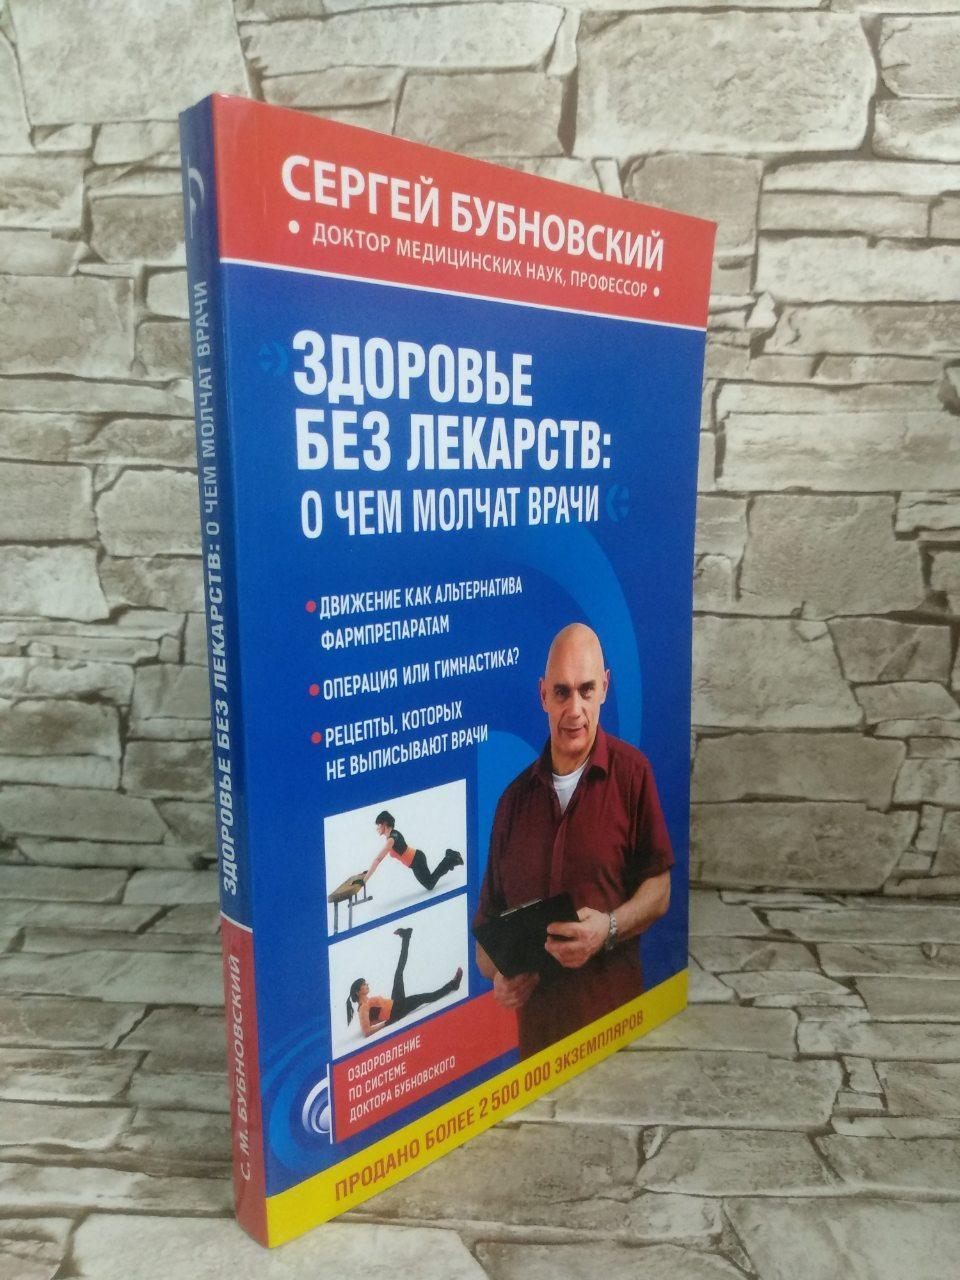 """Книга """" Здоровье без лекарств: о чем молчат врачи."""" Сергей Бубновский"""